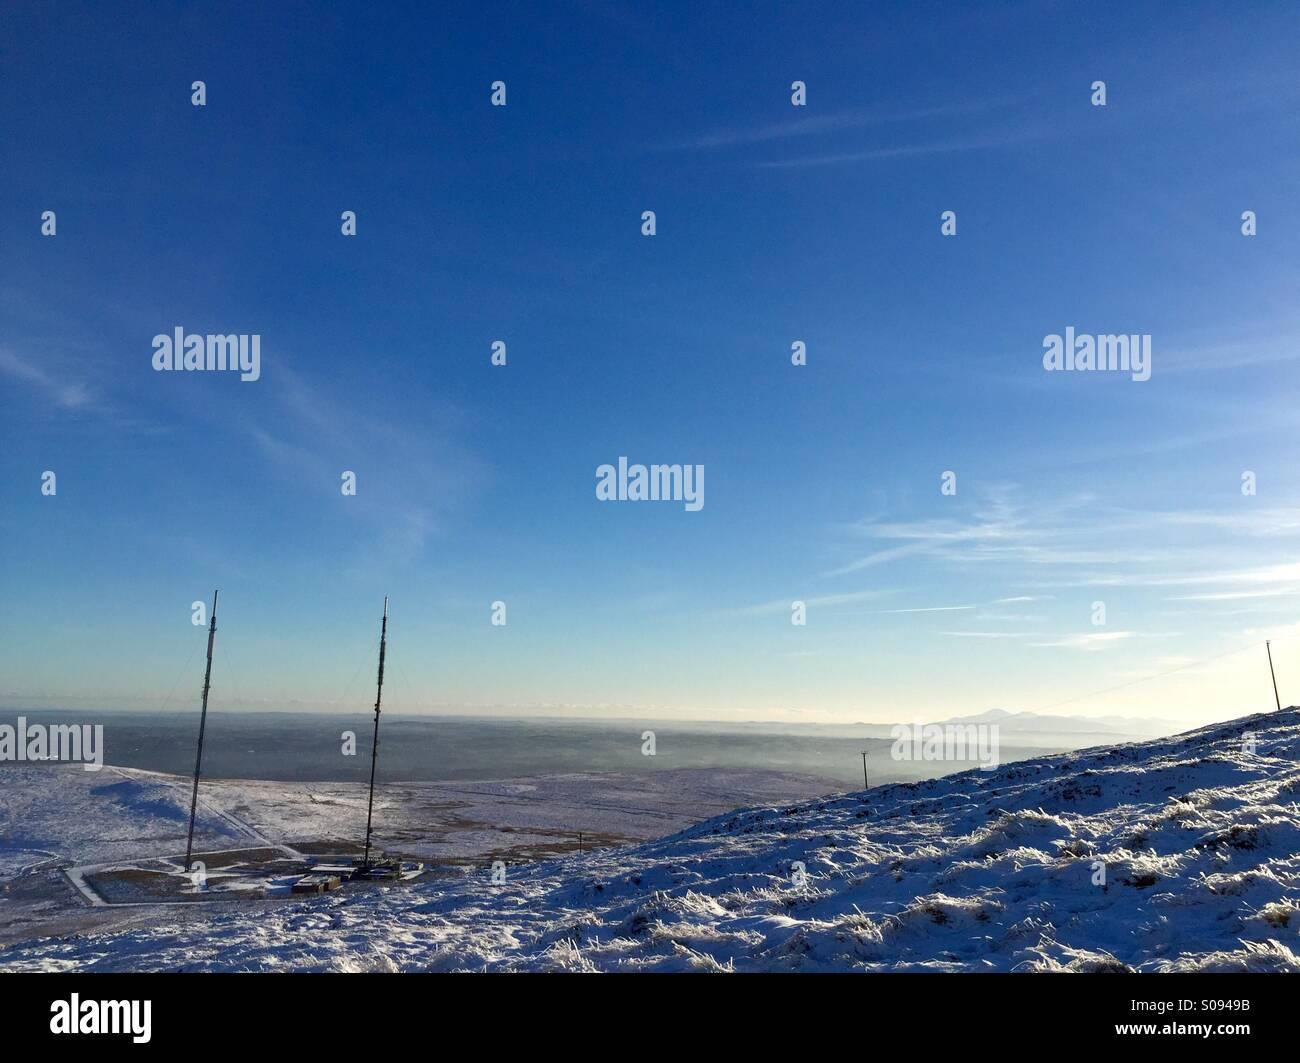 Belfast, Irlanda del Norte. 28 Dec 2014 - Vista de la mayor zona de Belfast de Divis montaña. Copyright Brendy Imagen De Stock